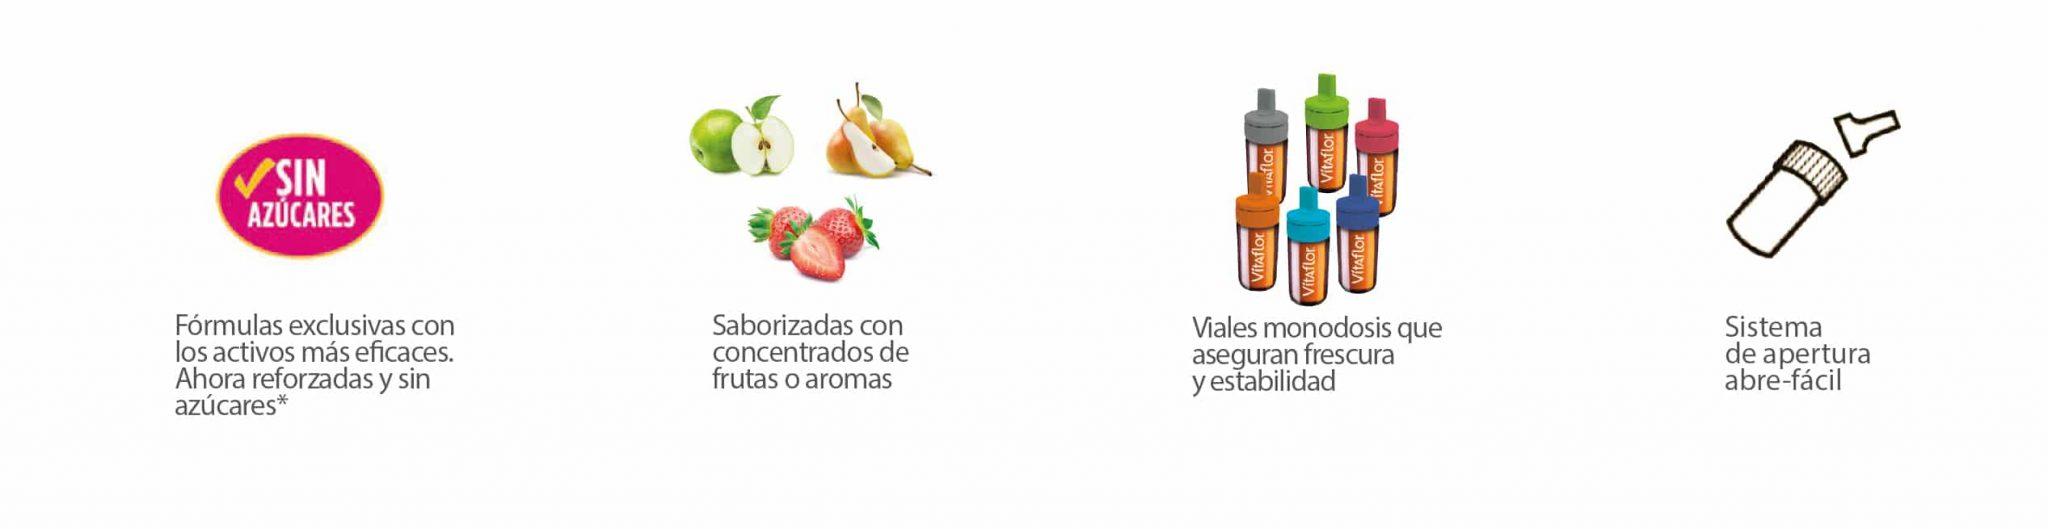 caracteristicas-viales-jalea-real-vitaflor